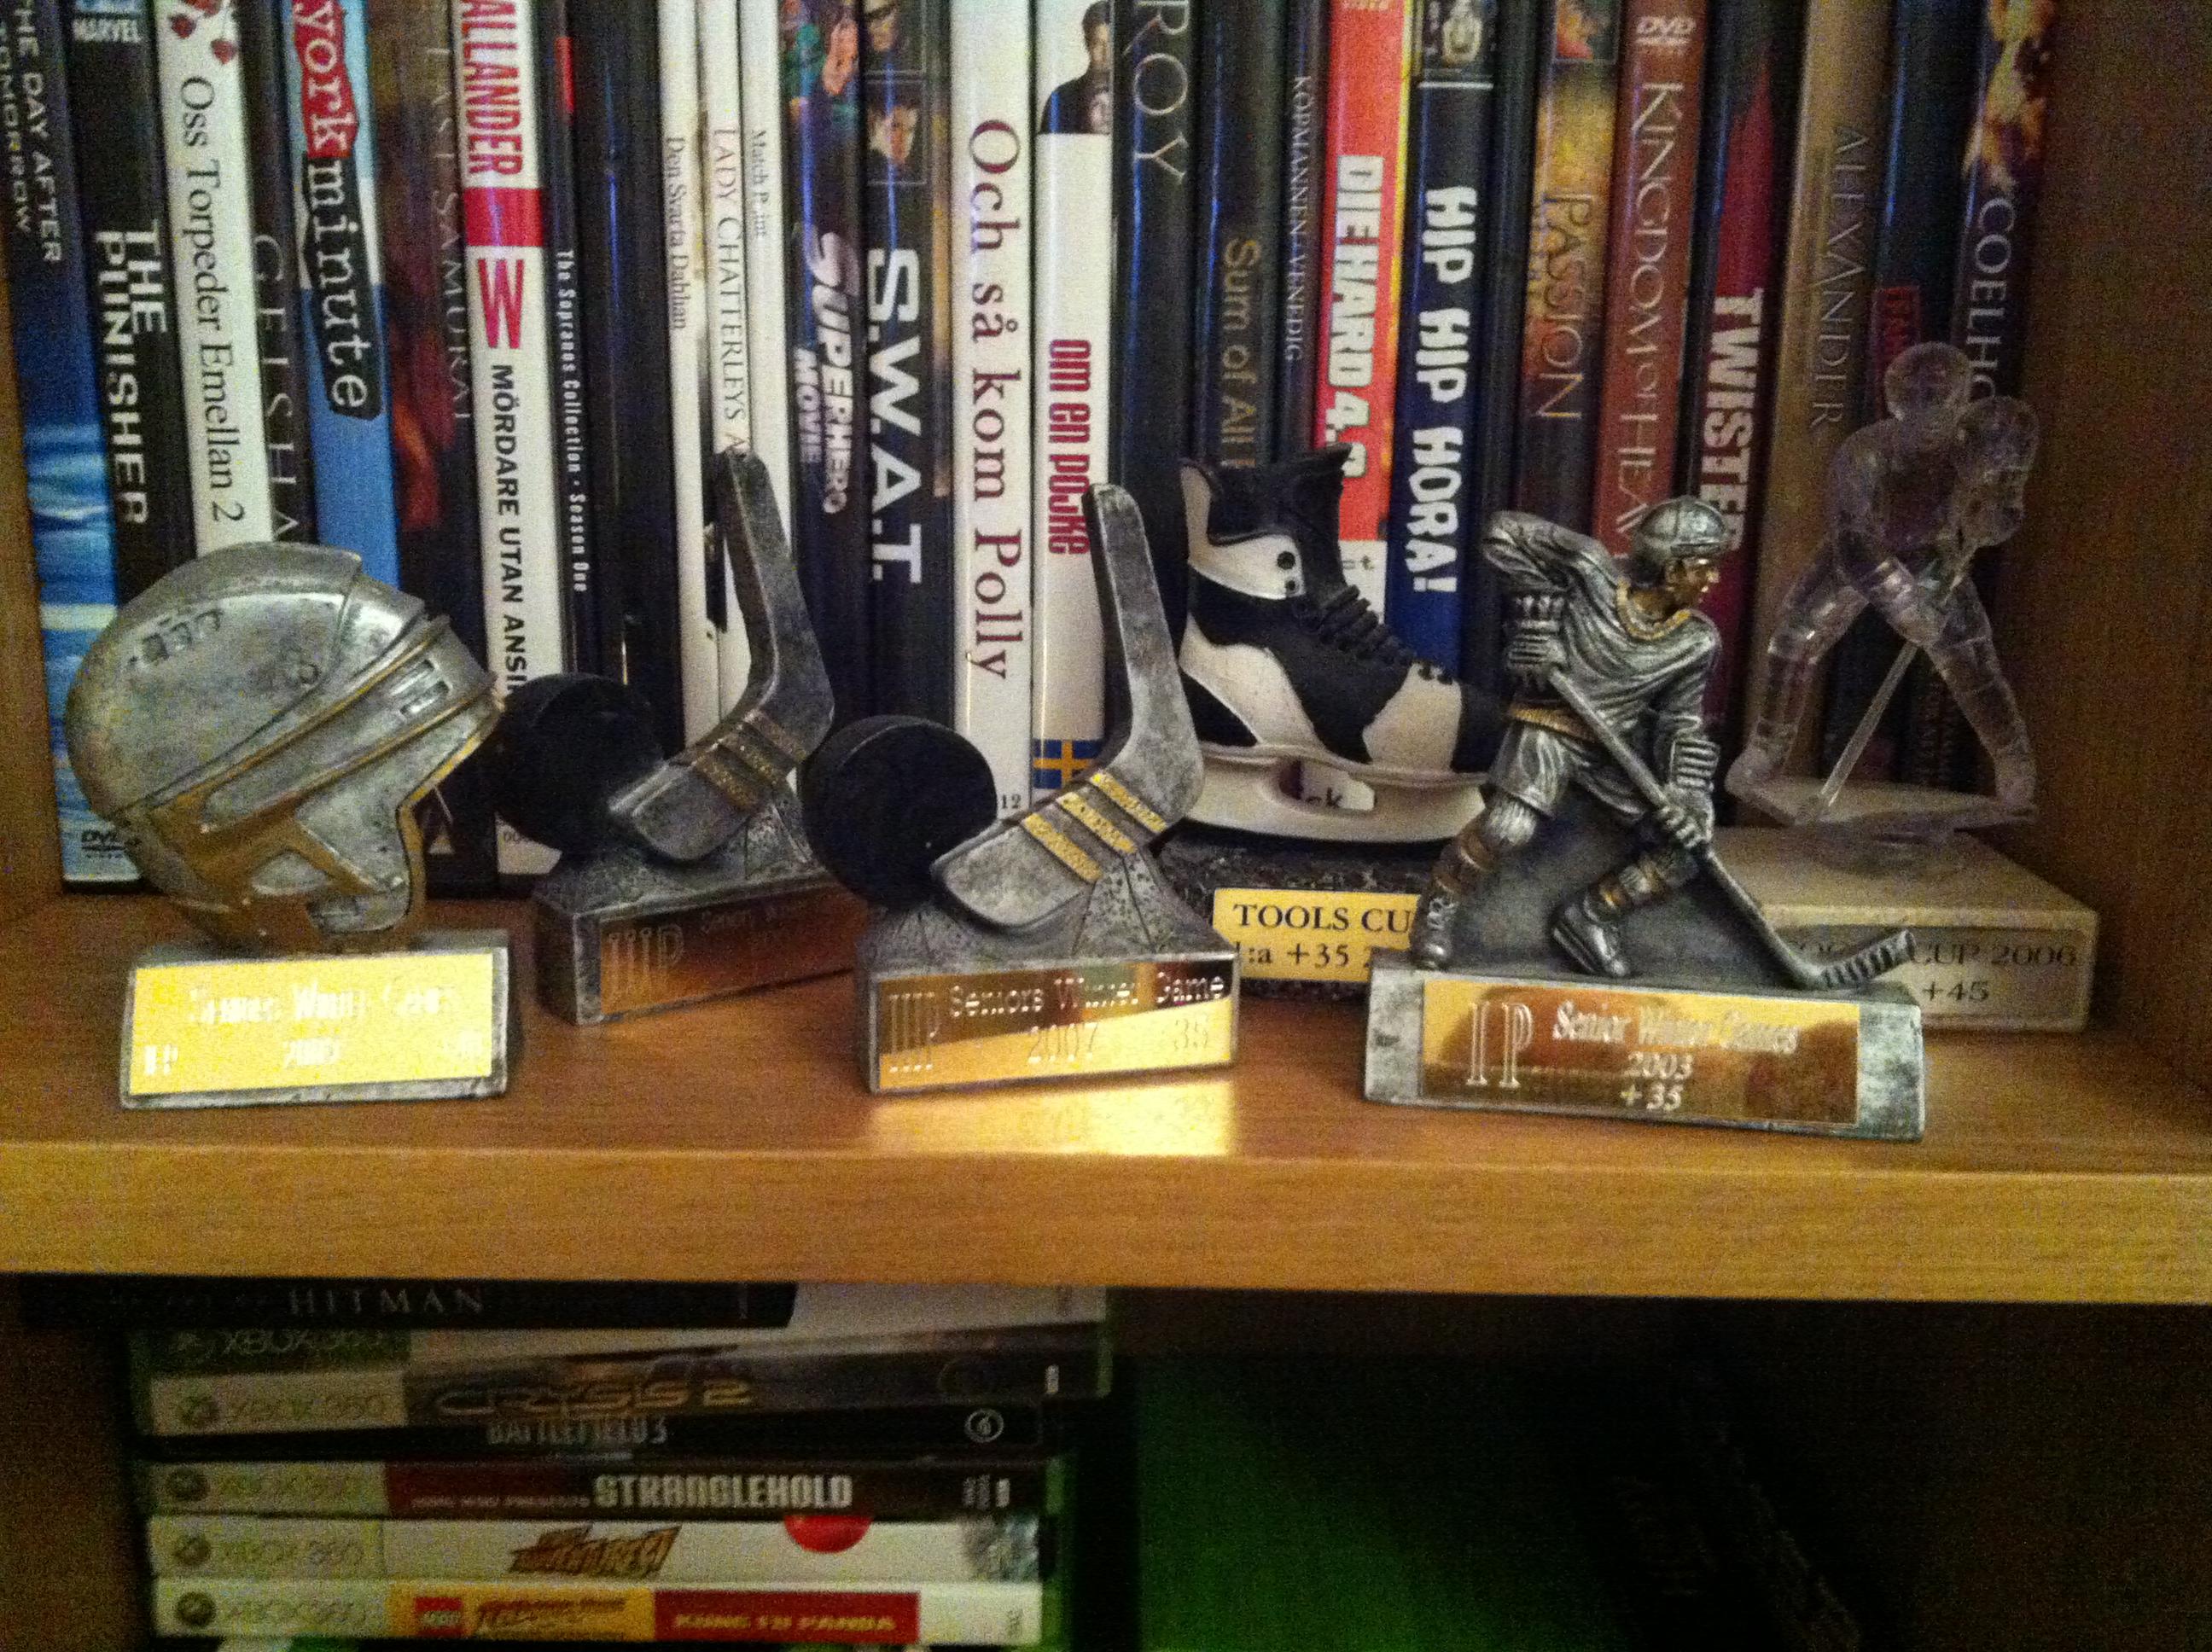 Gamla priser från tidigare års Ålands-turneringar i Hugos hylla